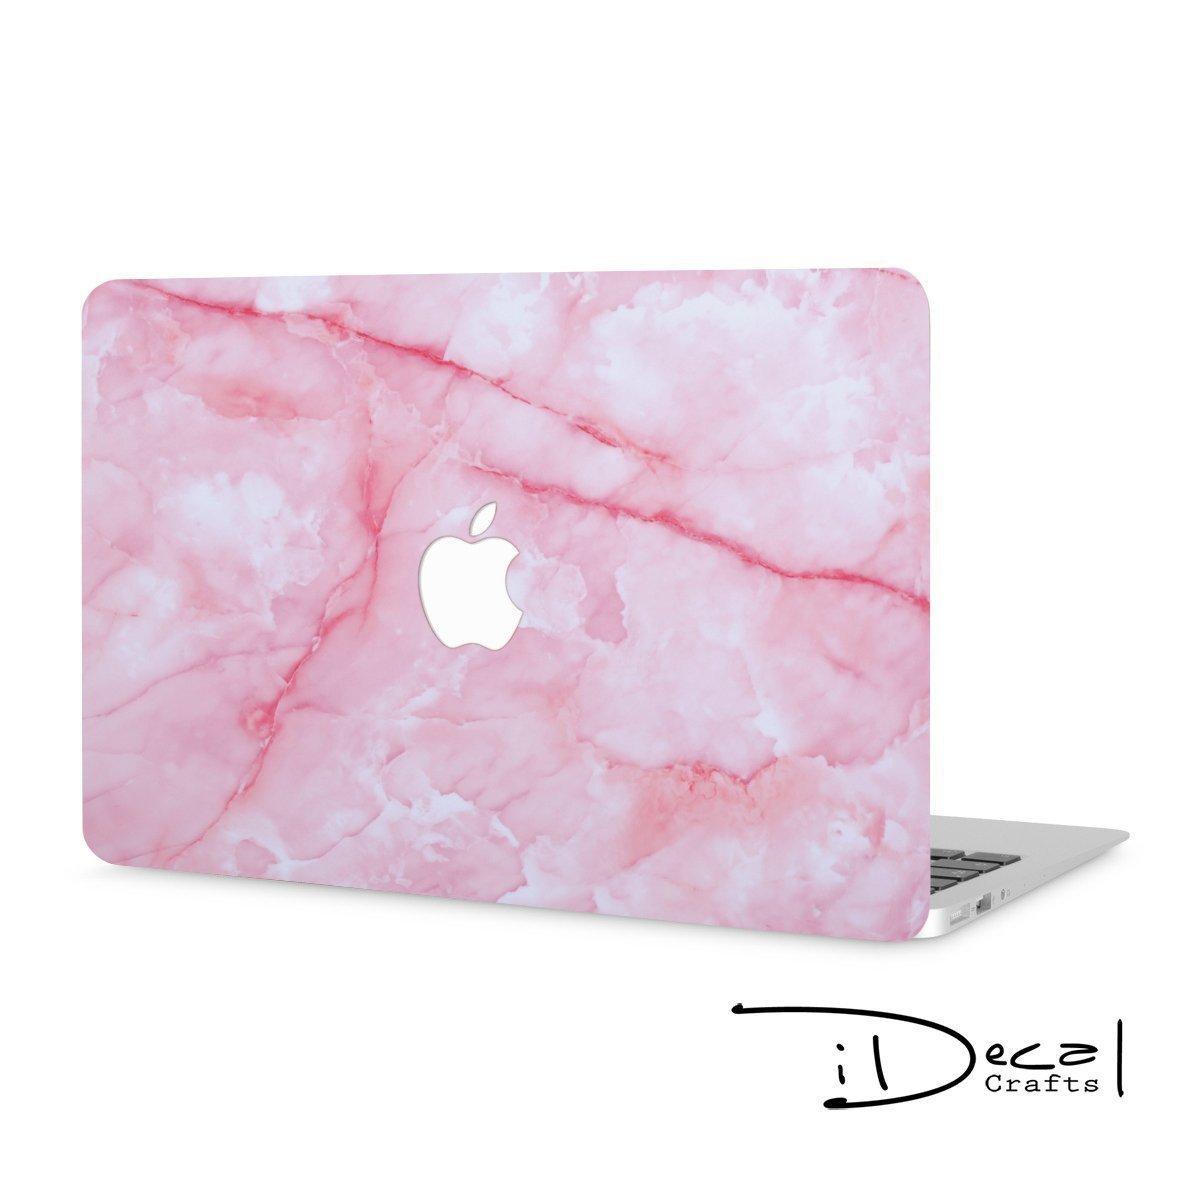 huge selection of fac6c 04911 Pink Marble Macbook Skin Macbook Sticker Macbook Decal Macbook Air ...